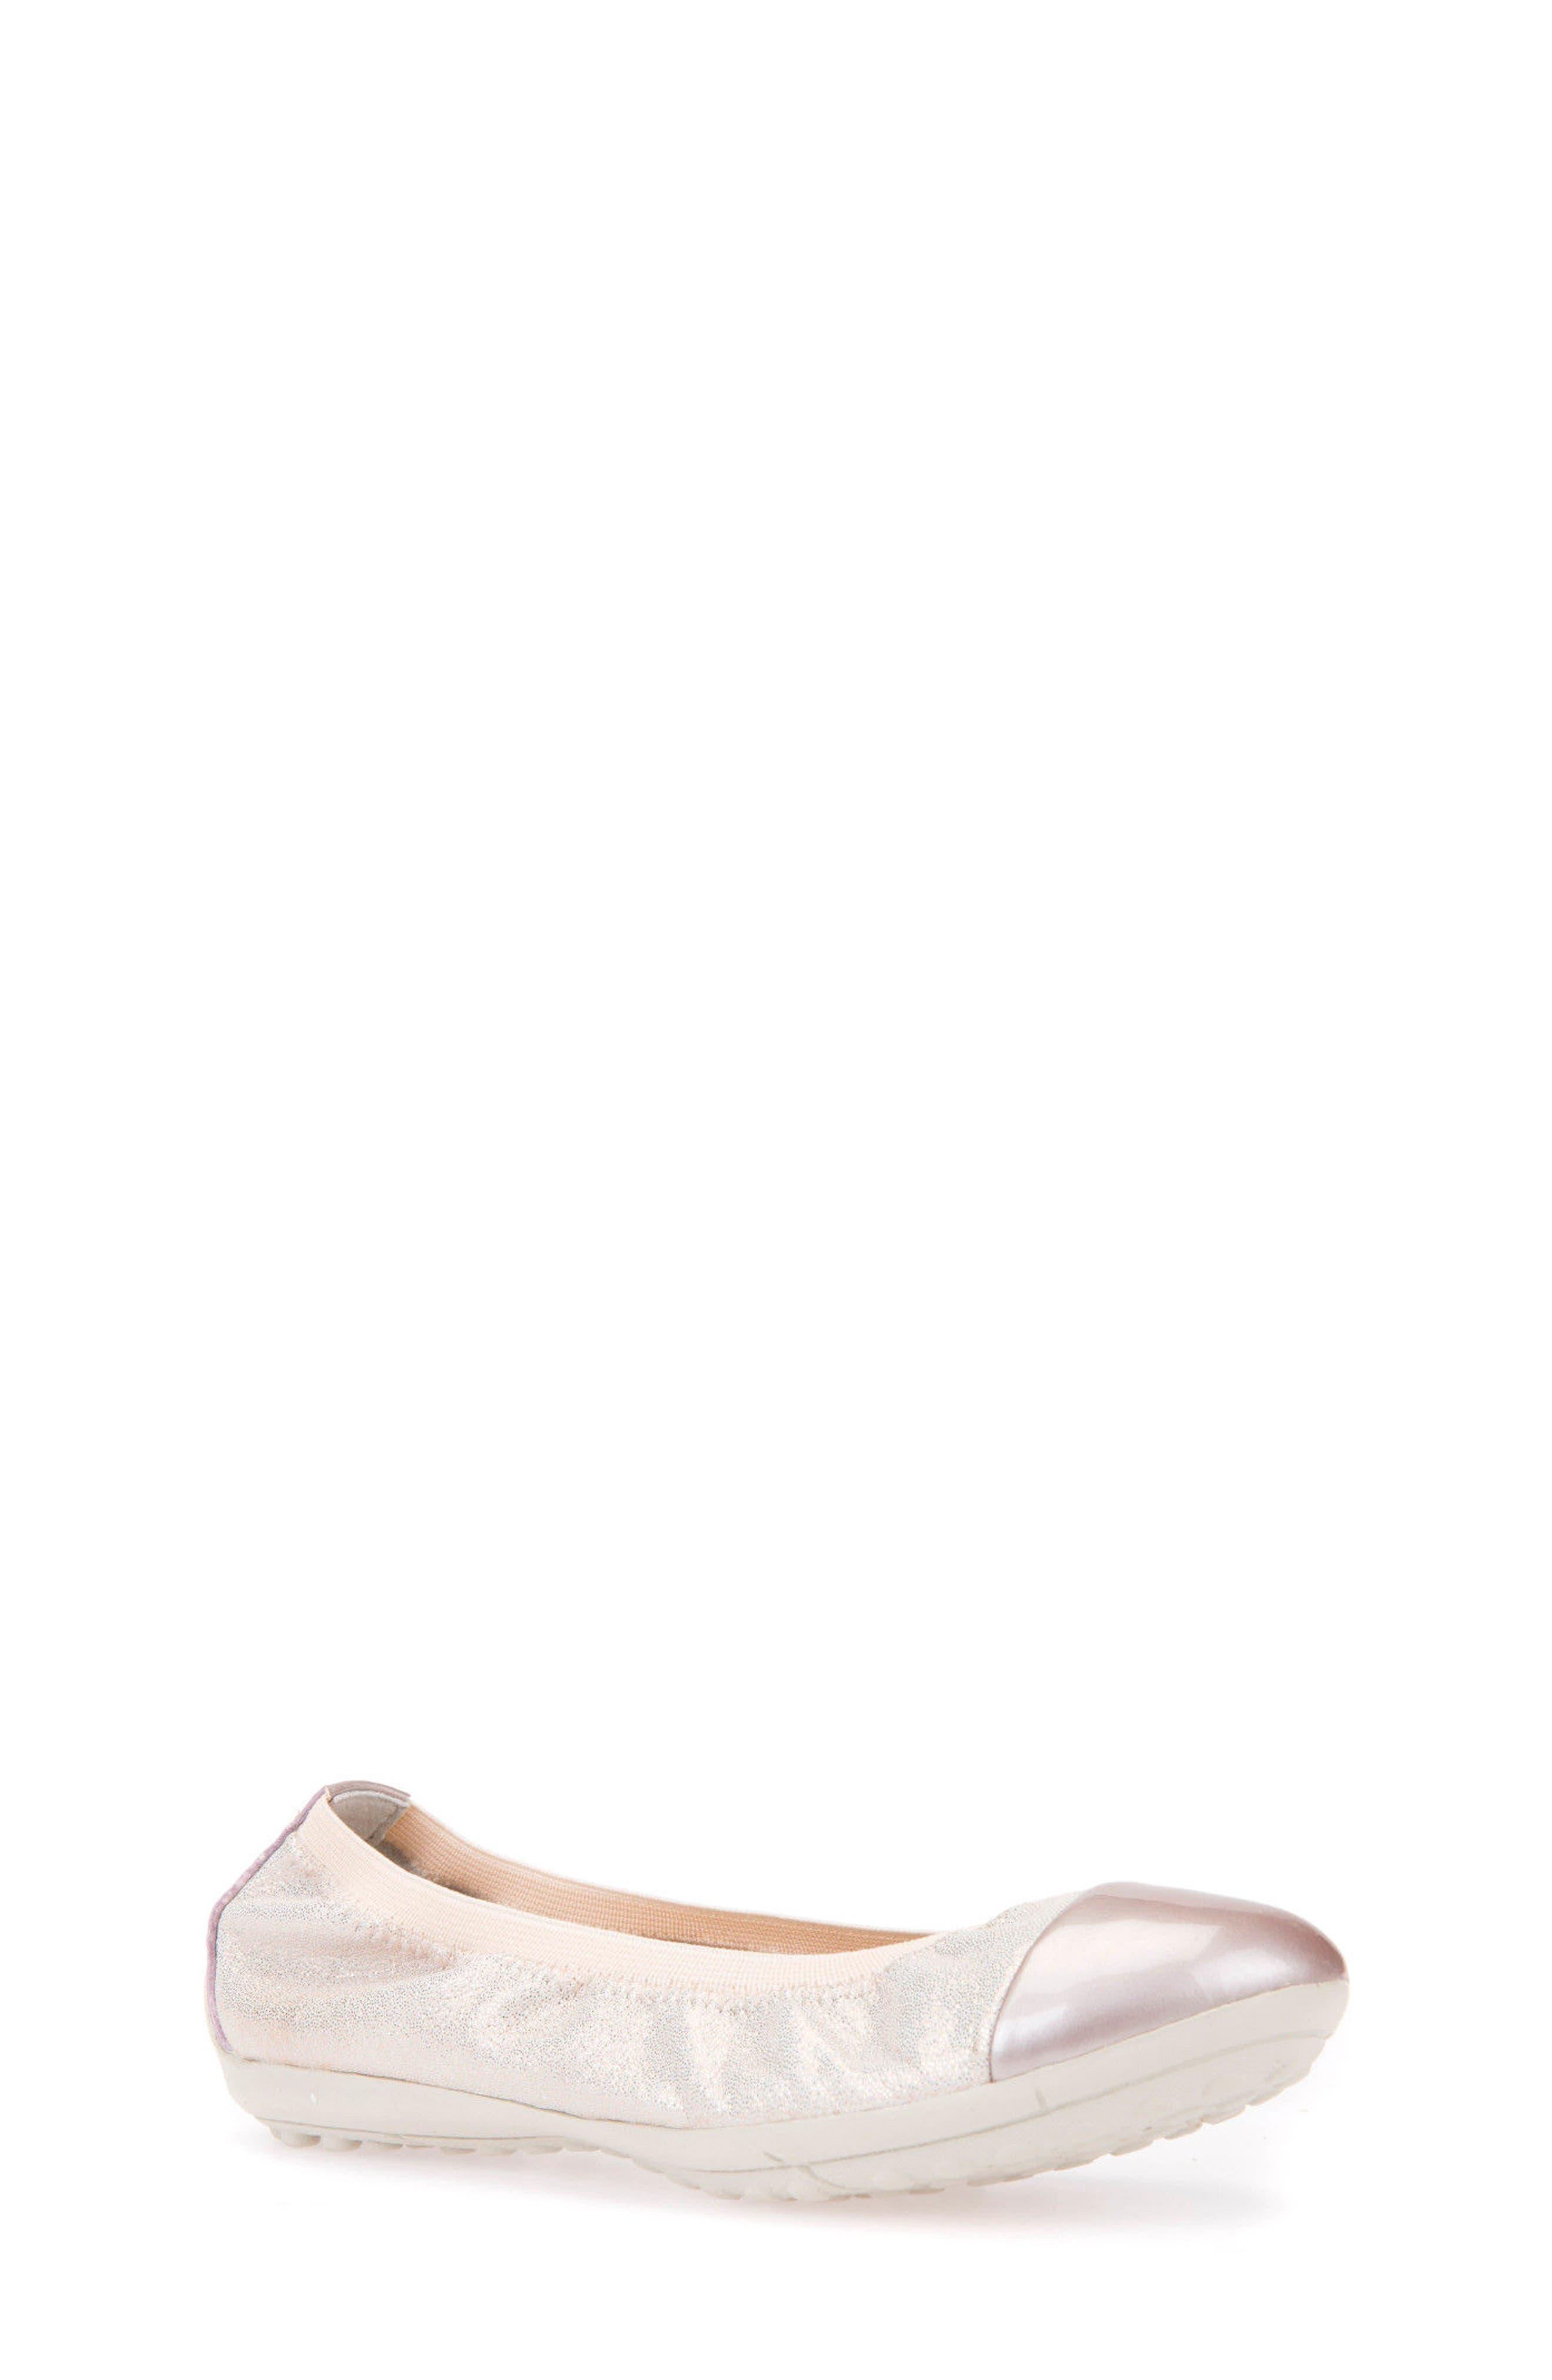 Main Image - Geox Piuma Cap Toe Glitter Ballerina Flat